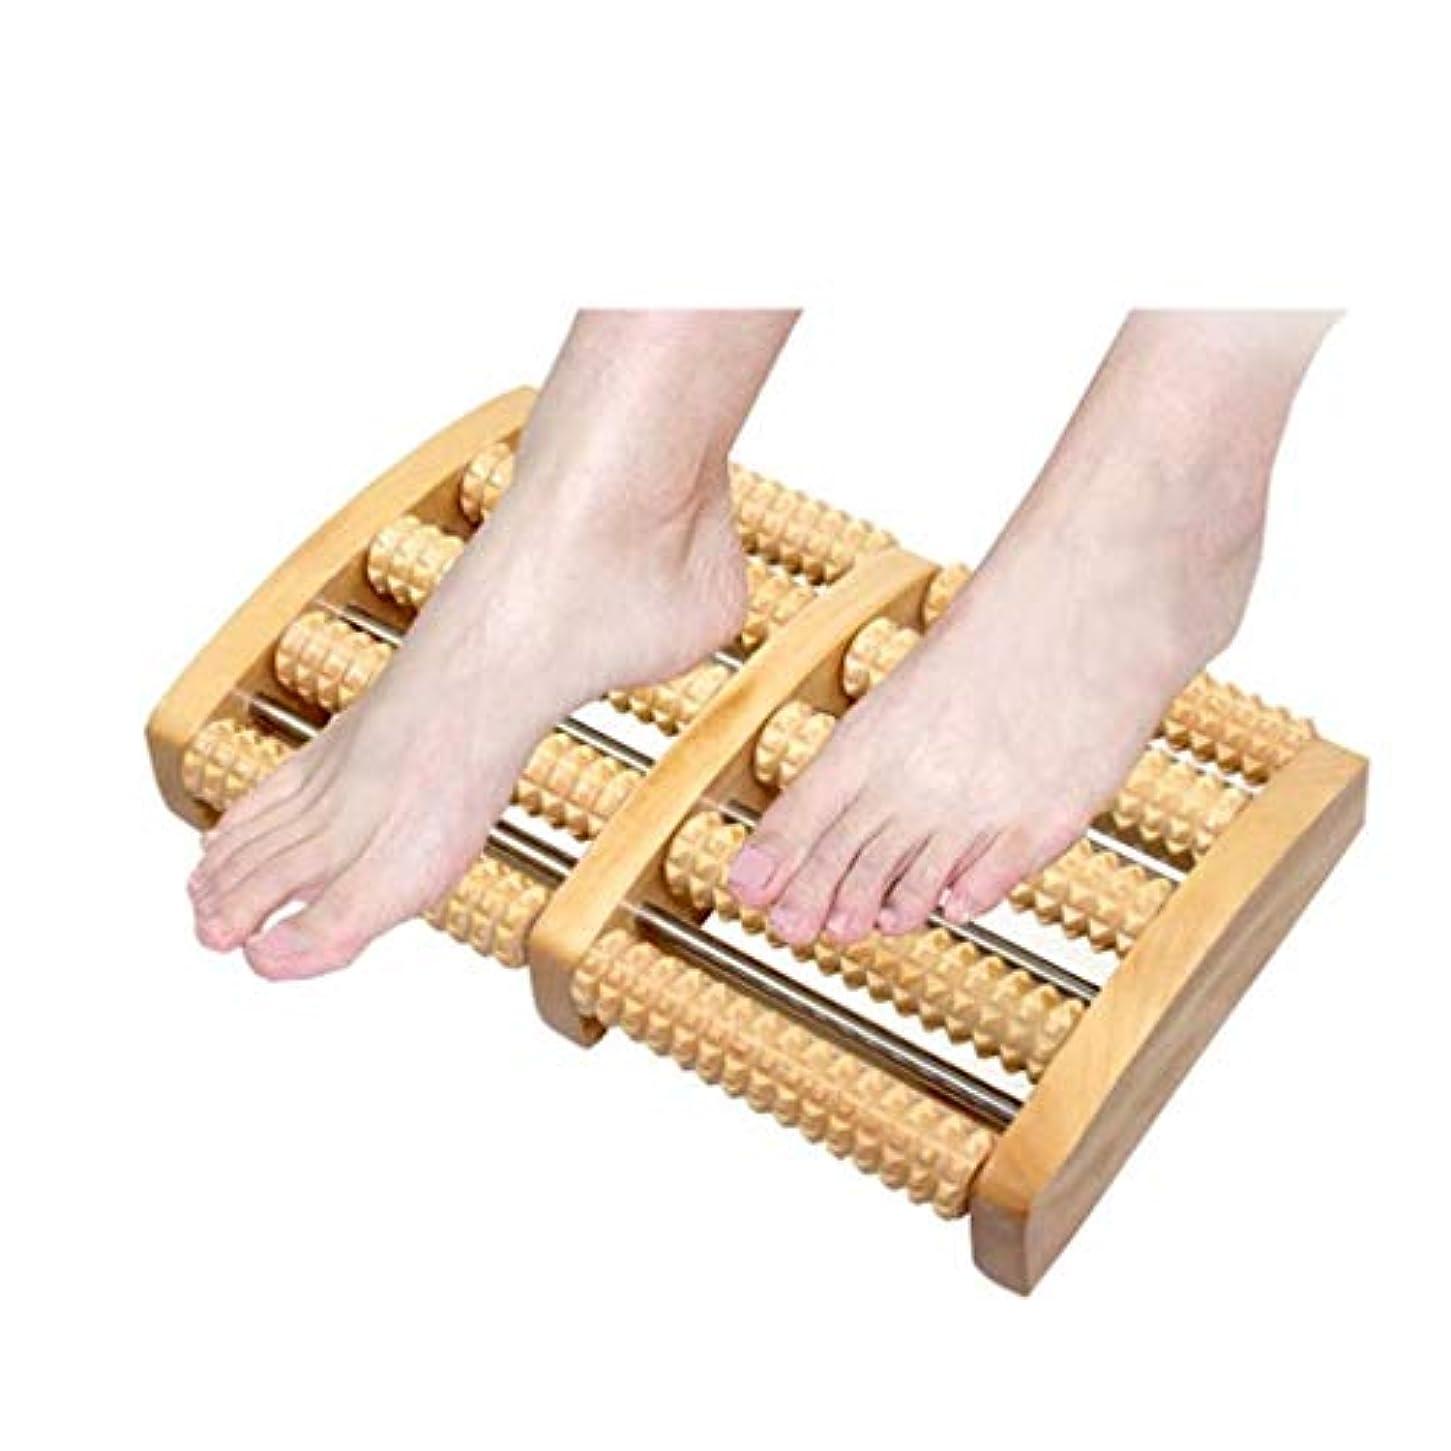 天のかみそり擁するフットマッサージ、木製フットマッサージローラー-足底筋膜炎、かかと、アーチの痛みを和らげます-指圧マッサージでストレスを緩和 (Color : A)